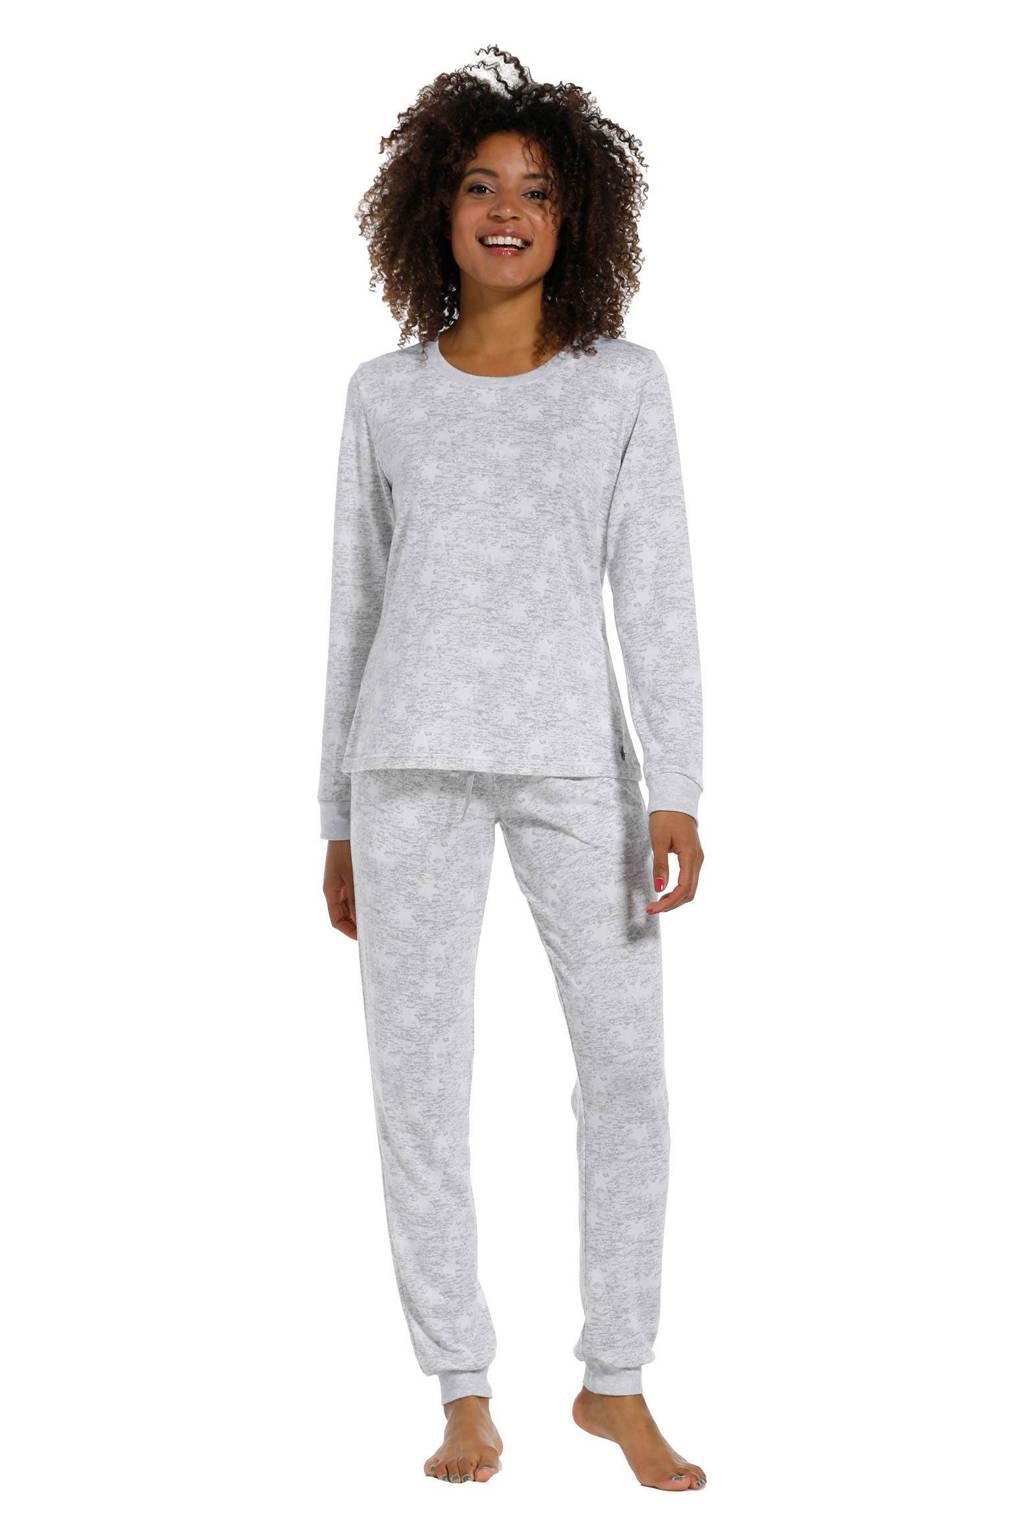 Rebelle pyjama met all over print grijs/ivoor, Grijs/ivoor